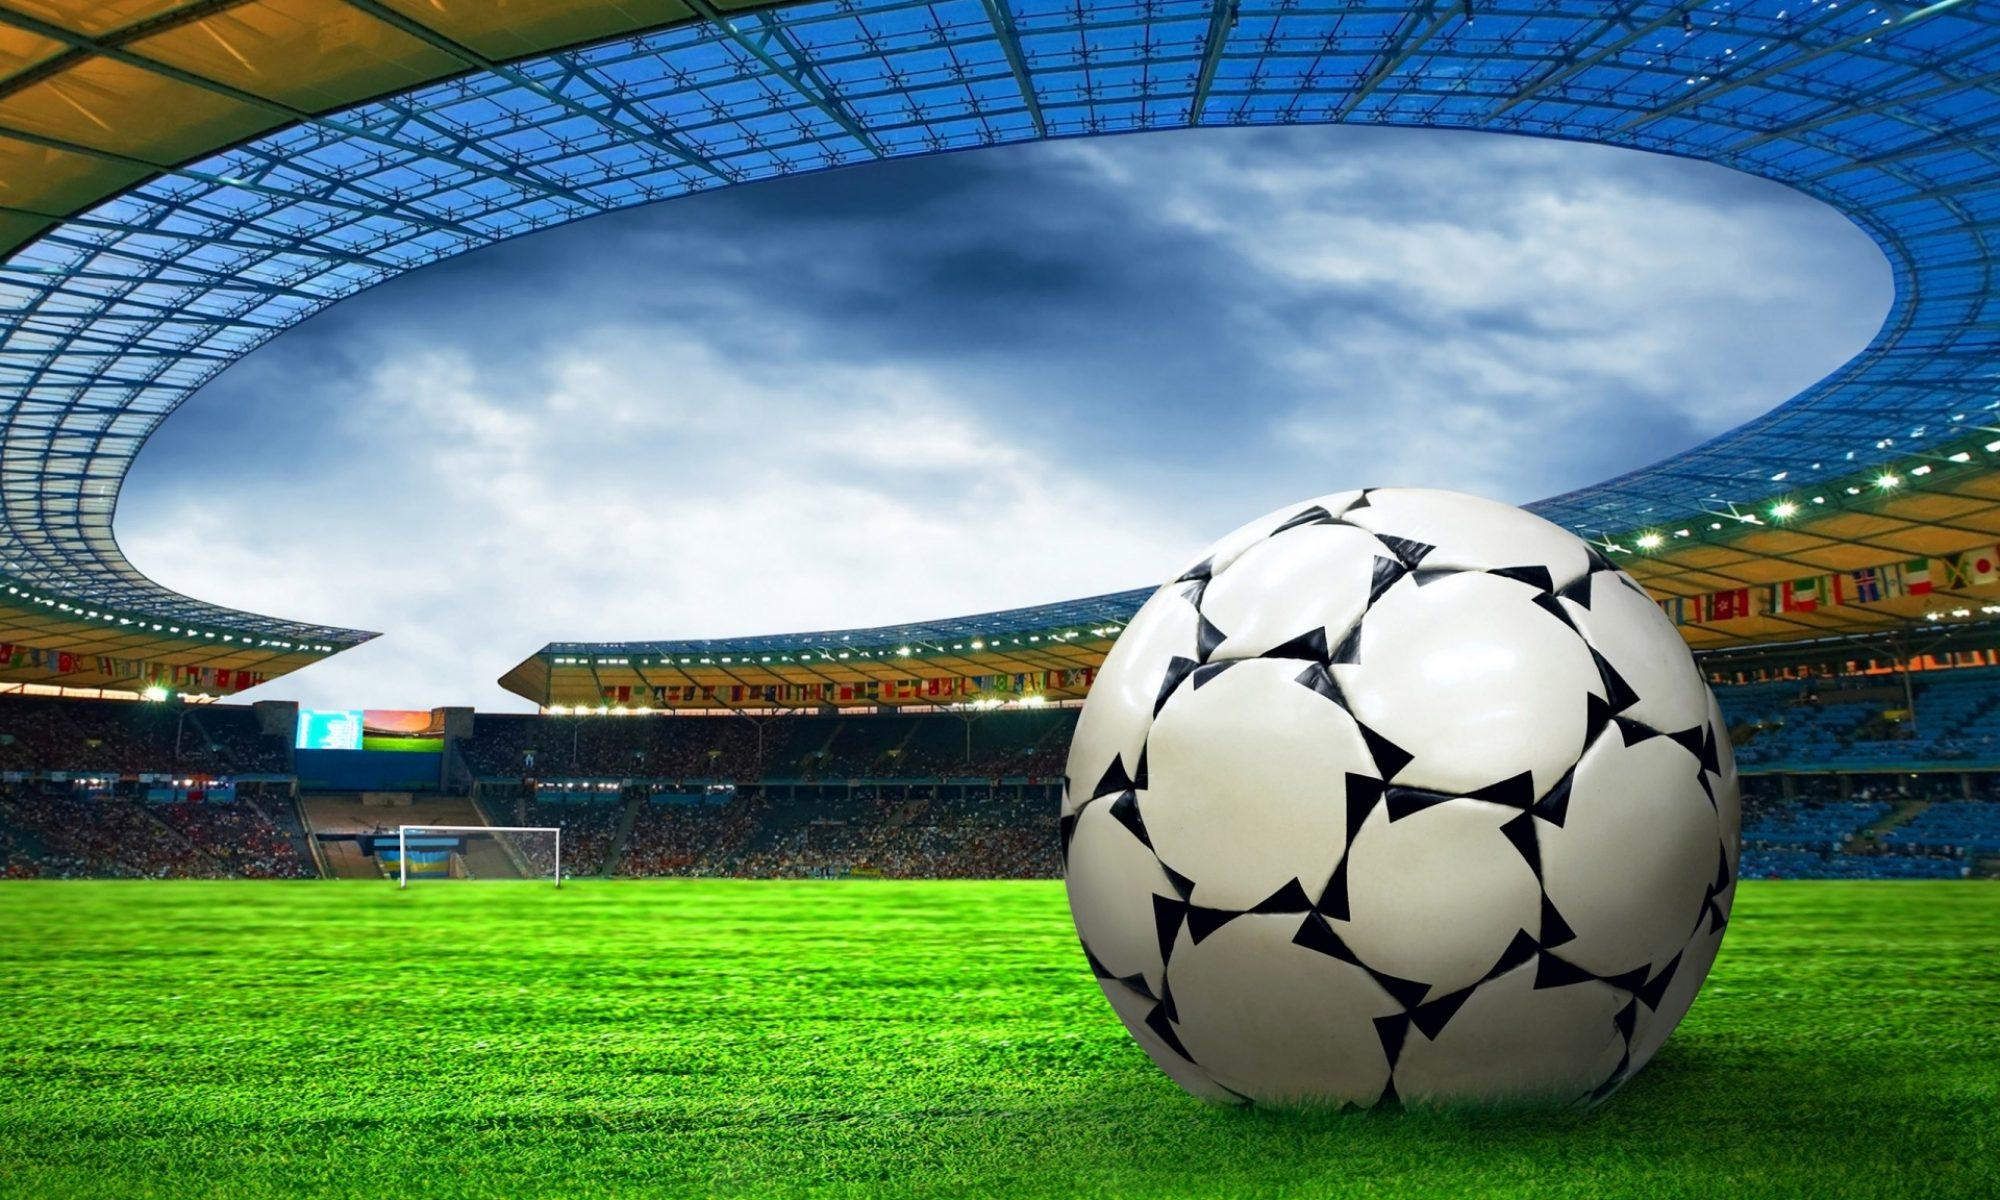 Zbor nogometnih trenera Varaždinske županije